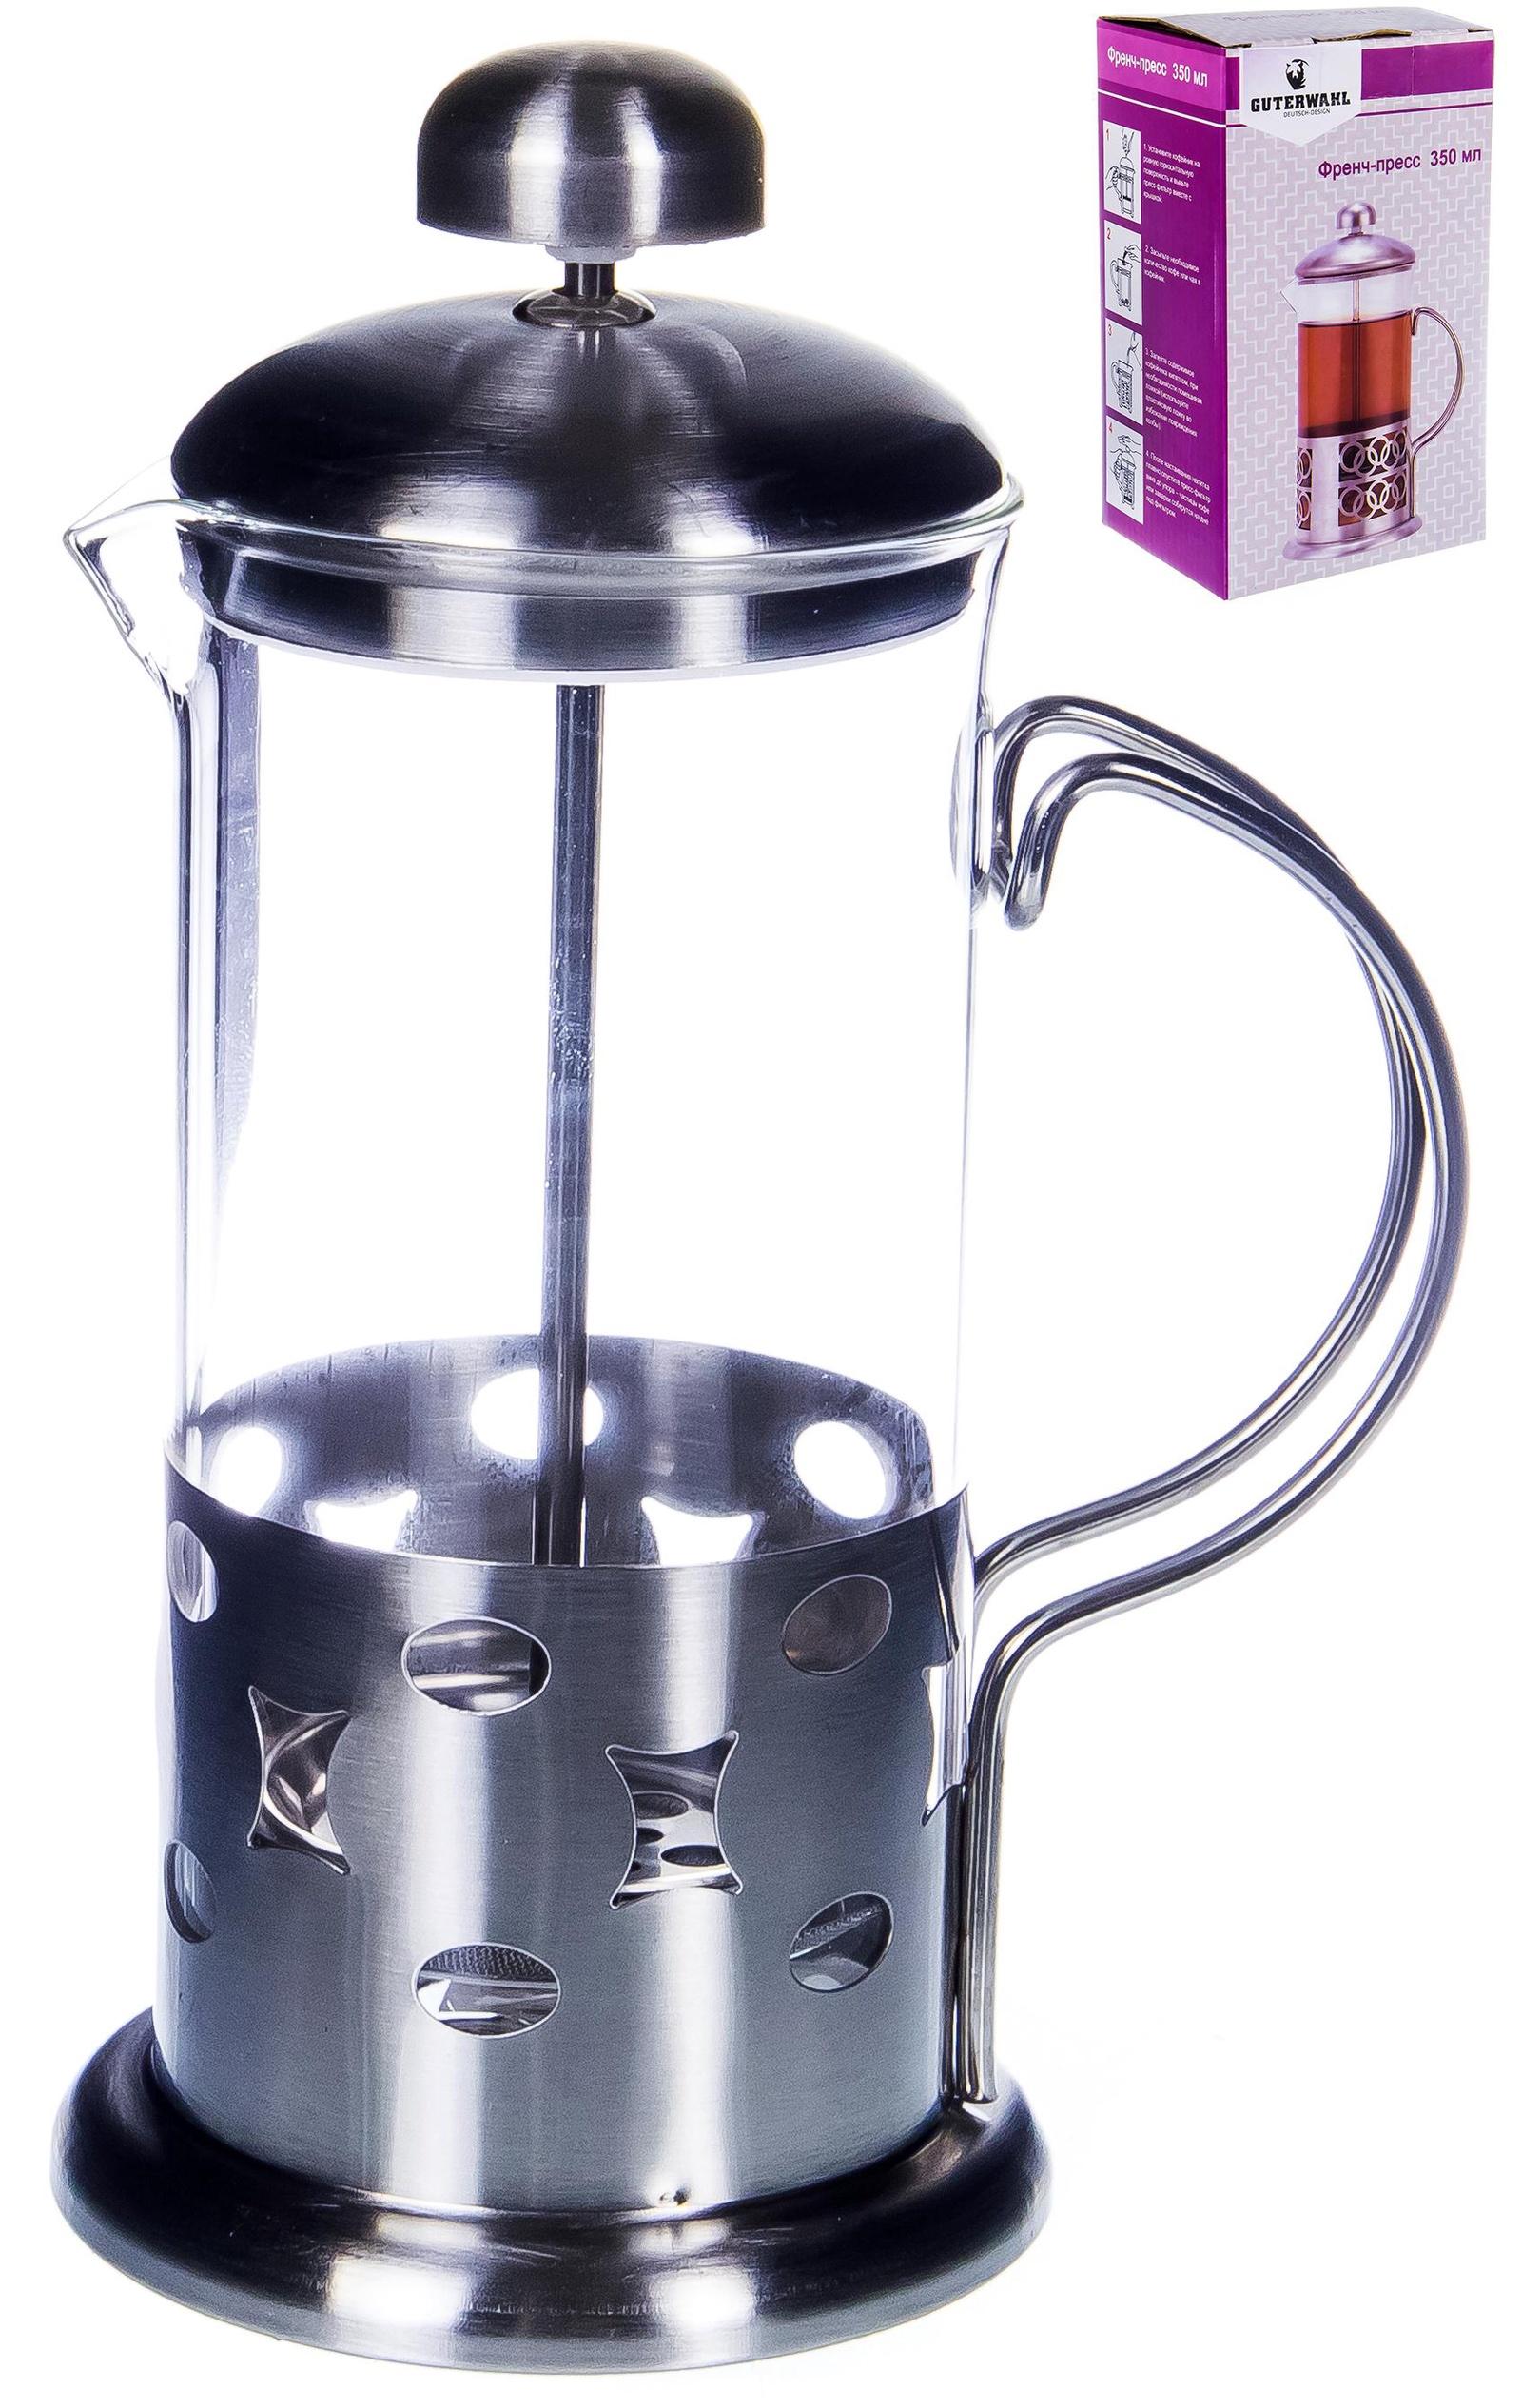 Френч-пресс 350мл, жаропрочное стекло, корпус из нержавеющей стали, цветная упаковка, ТМ Guterwahl, 116-24013 френч пресс attribute flavor 350мл